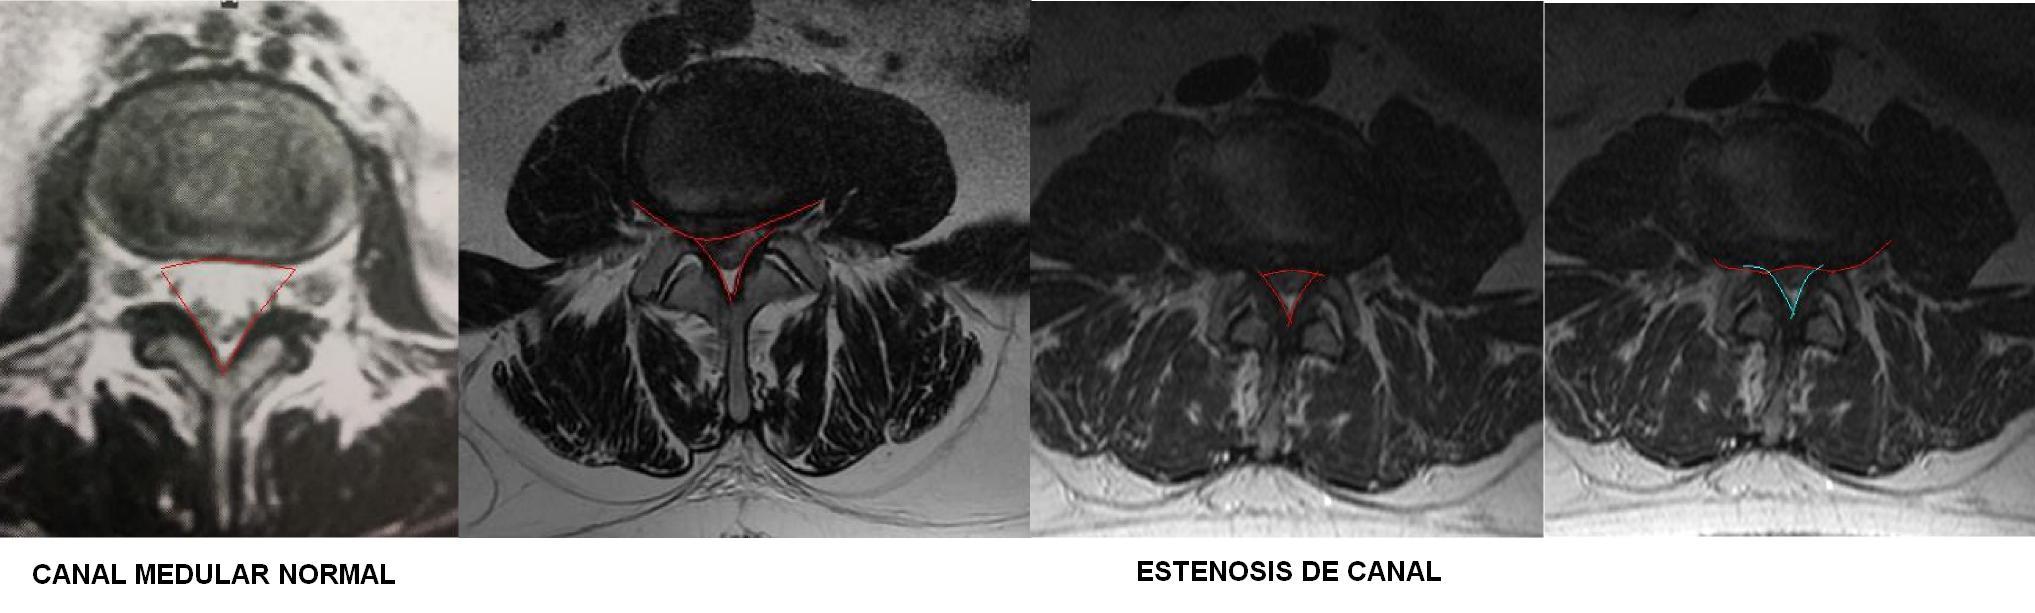 estenosis de canal